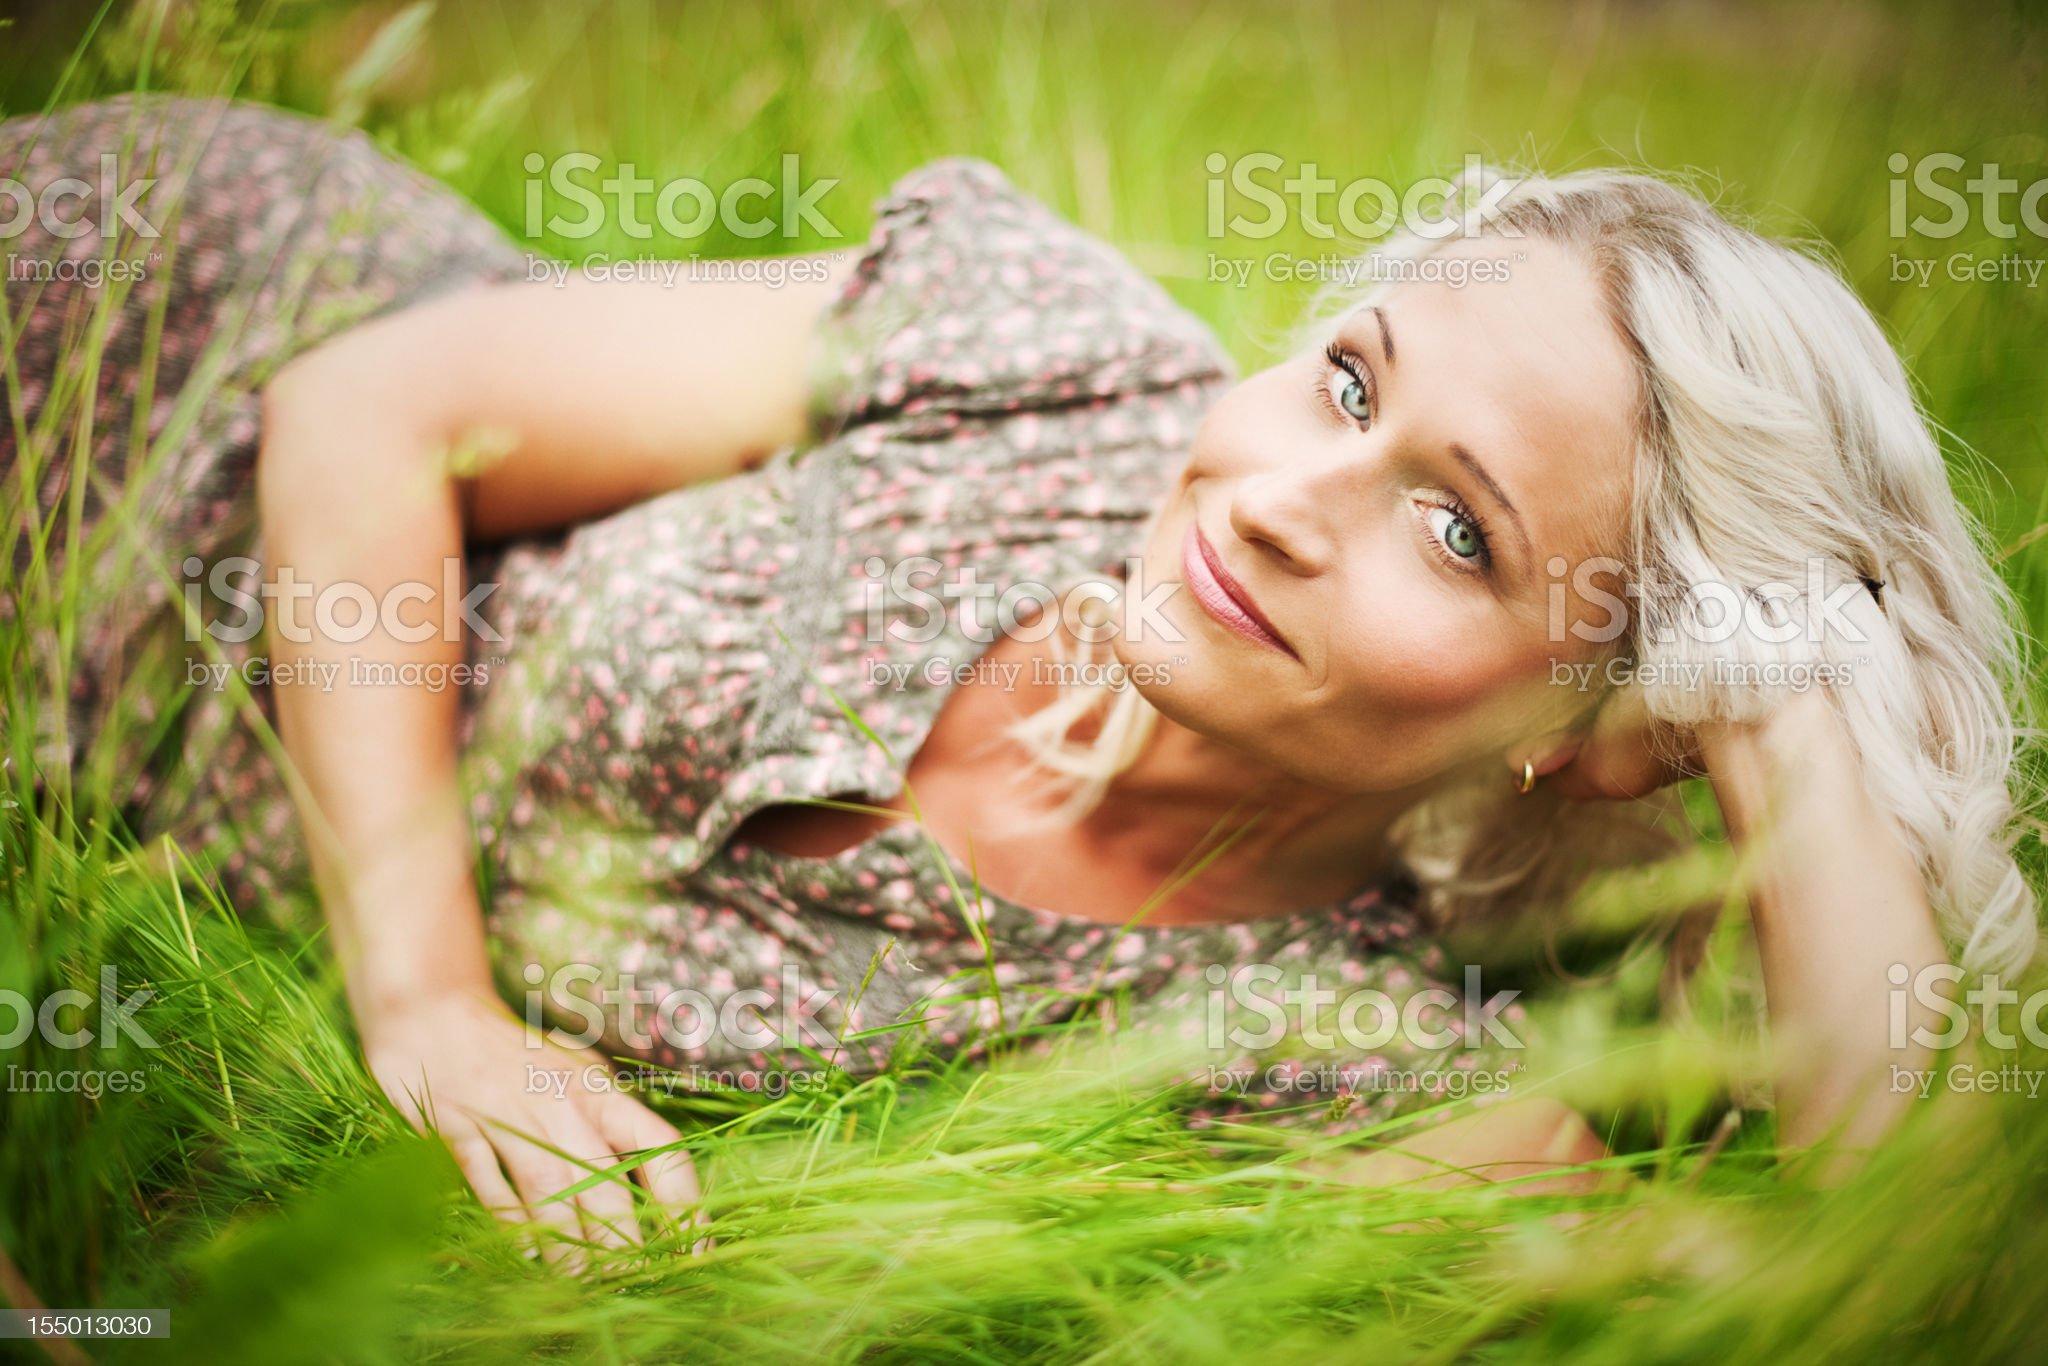 Beautiful woman lying on grass royalty-free stock photo